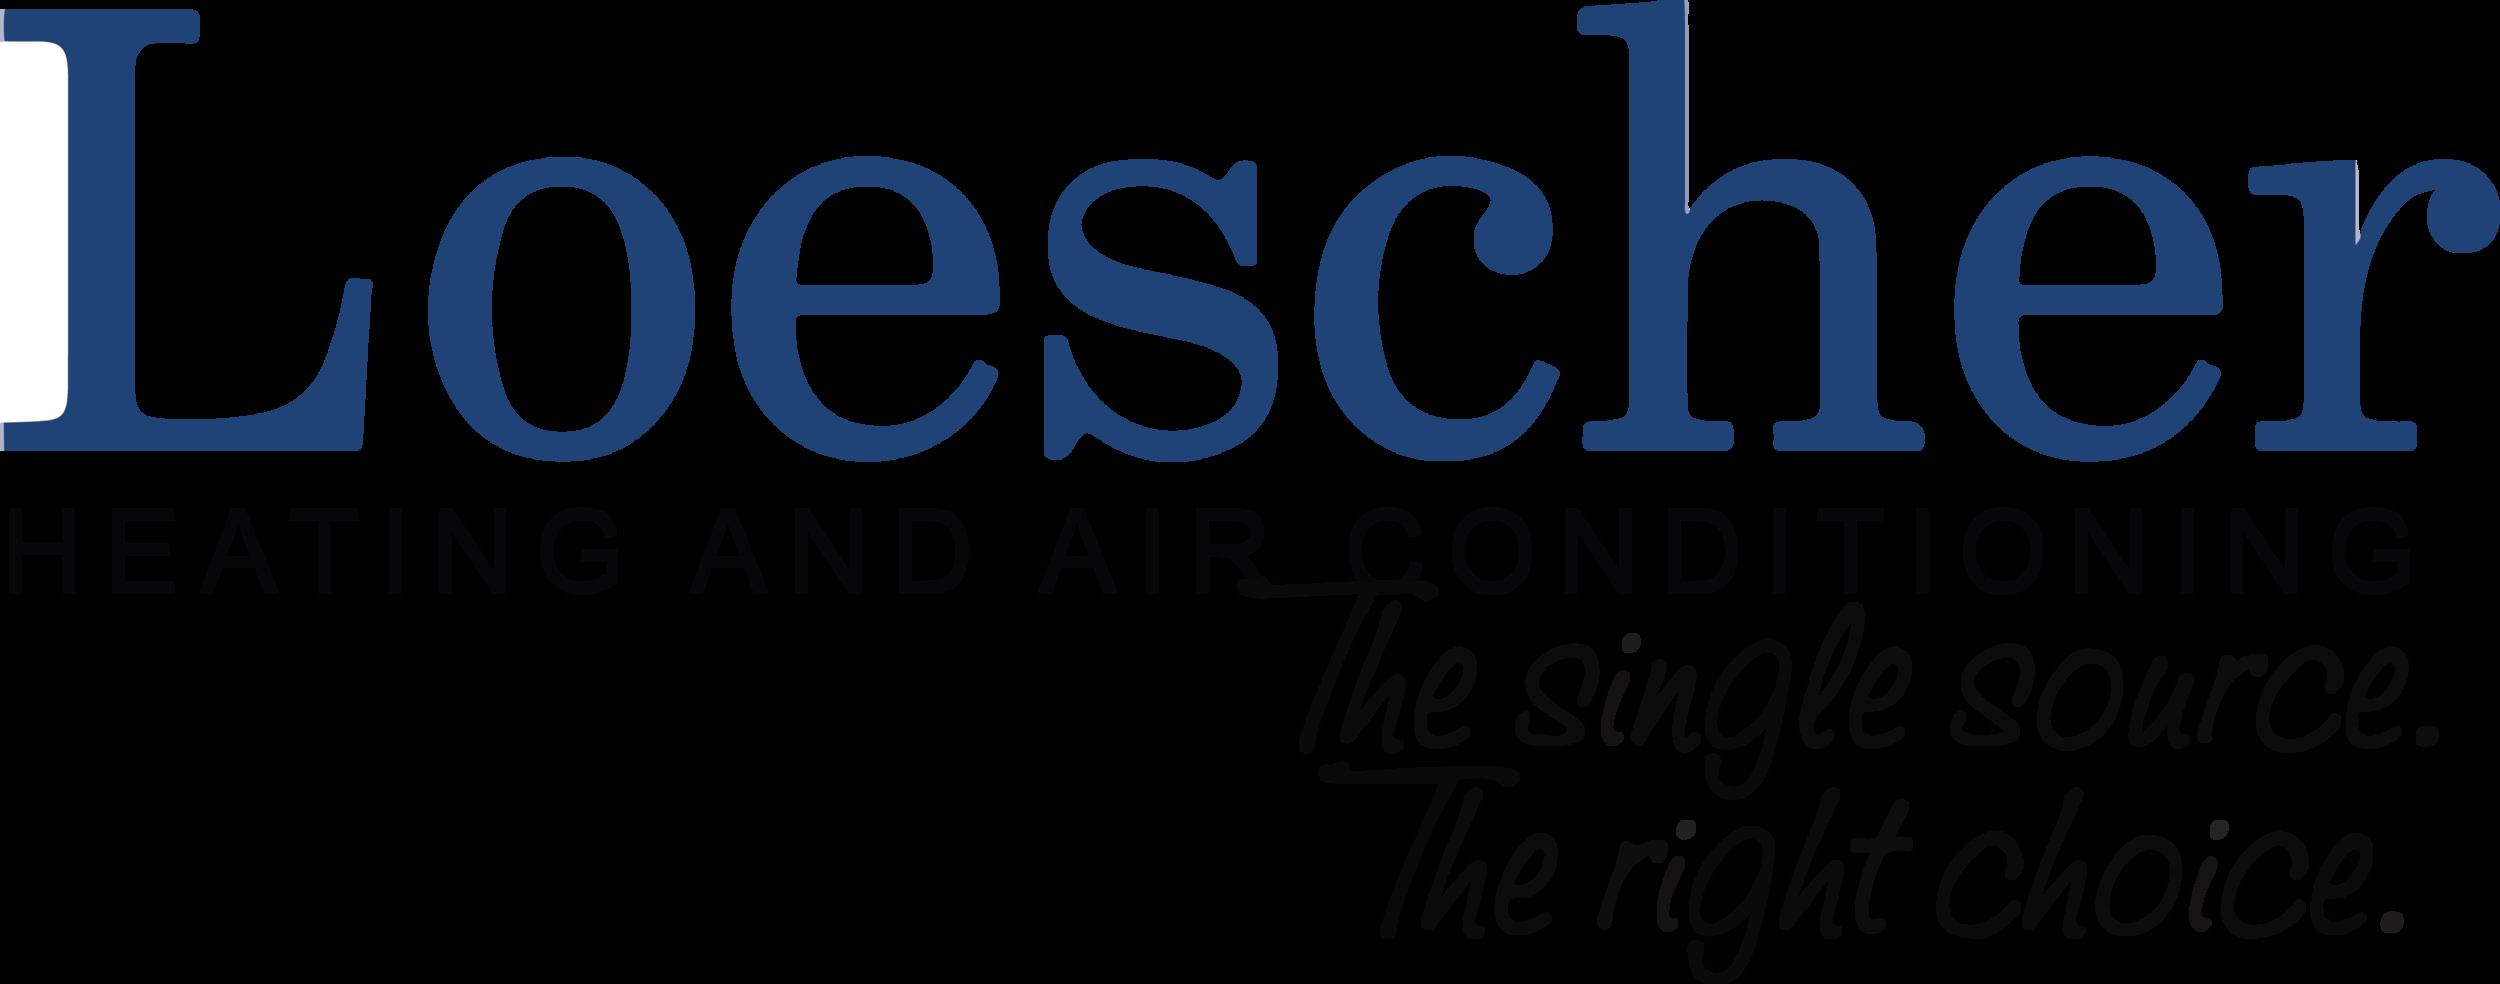 031418Loescher-Logo_woFBE.png